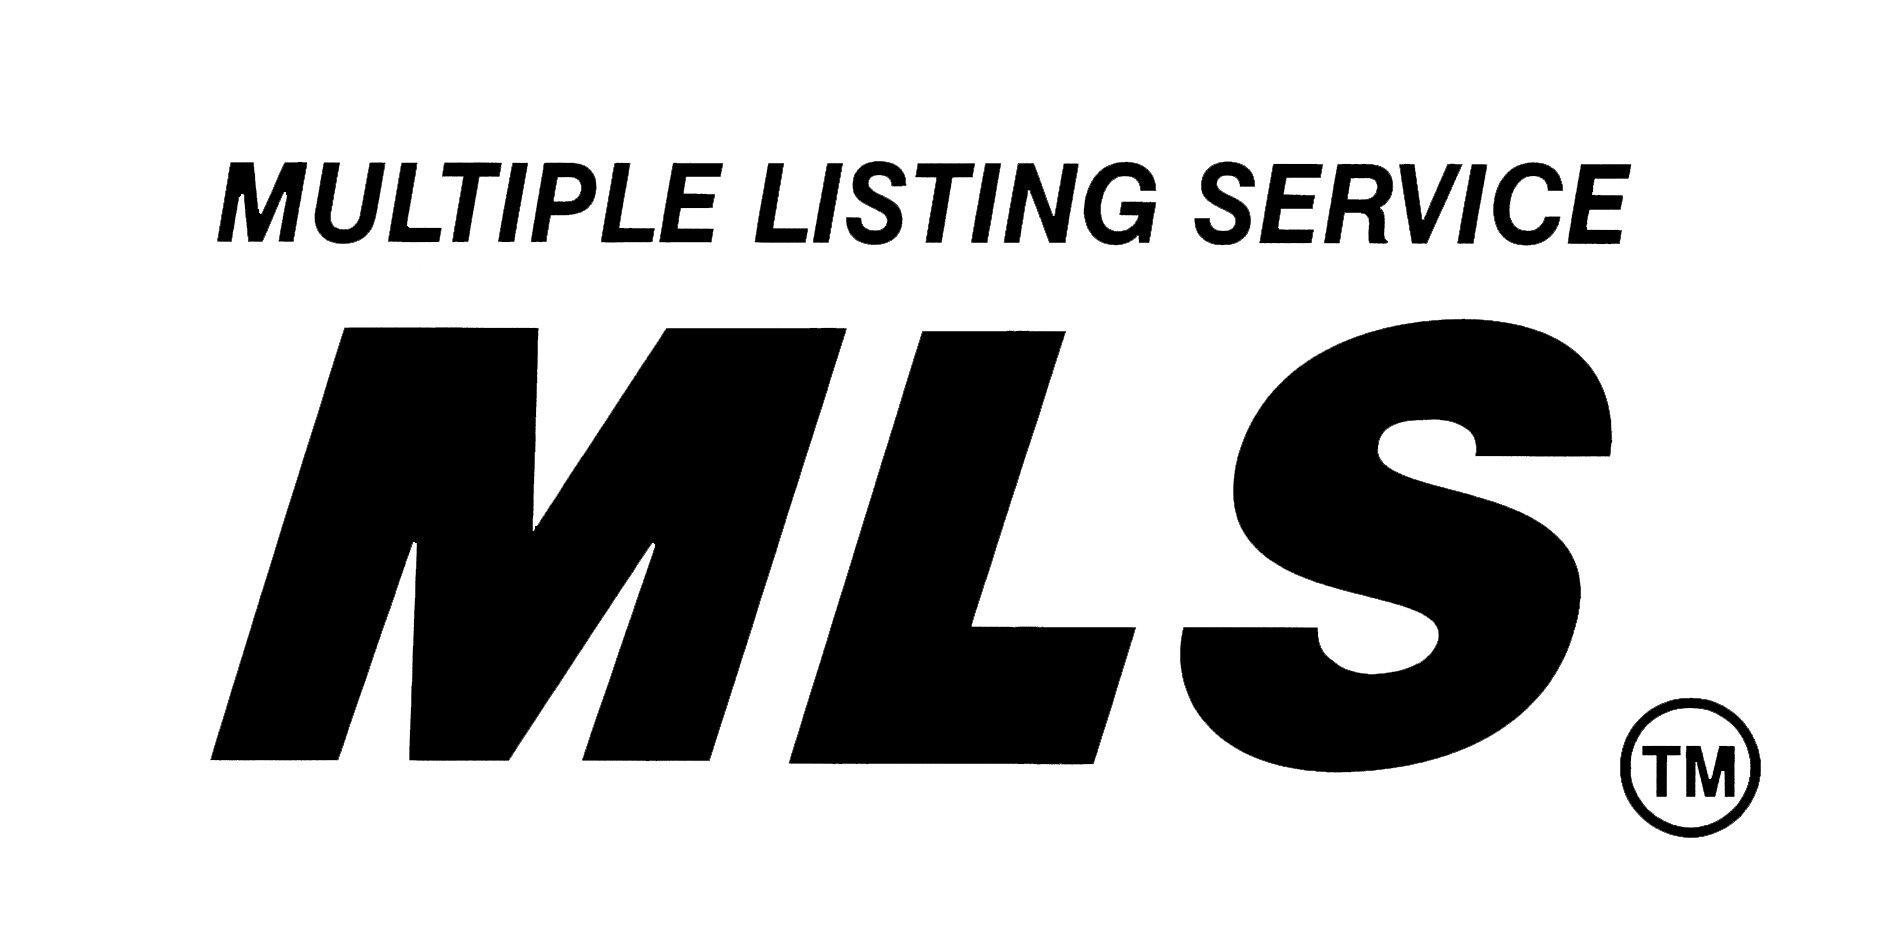 MLS Realtor Logo, MLS Realtor Symbol, Meaning, History and ... Realtor.com